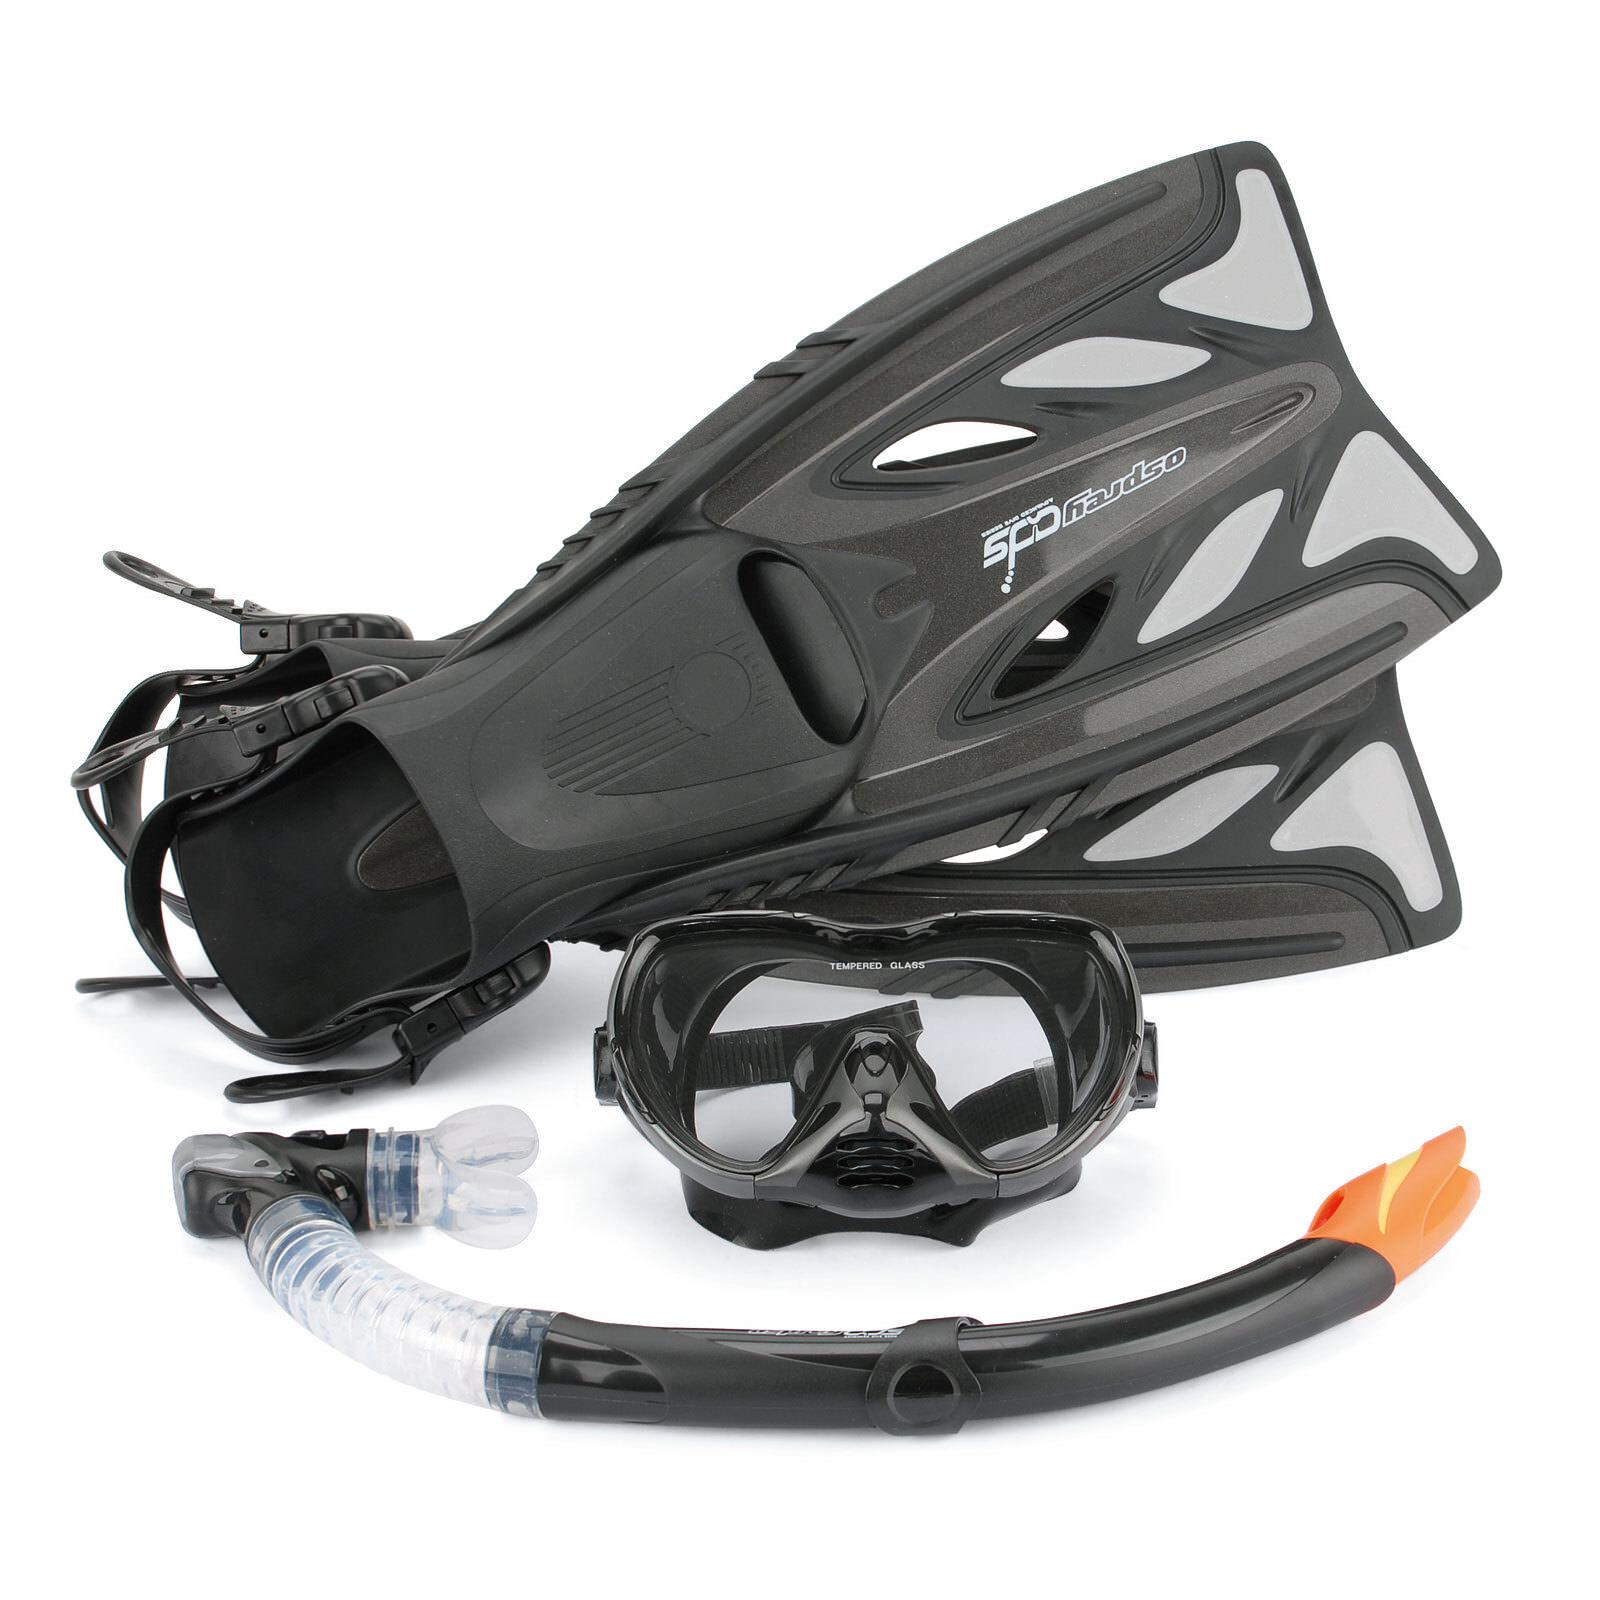 Osprey Osprey Osprey De Luxe Erweiterte Maske Schnorchel & Flossen Pro Tauchen Set Tragetasche ab7c43